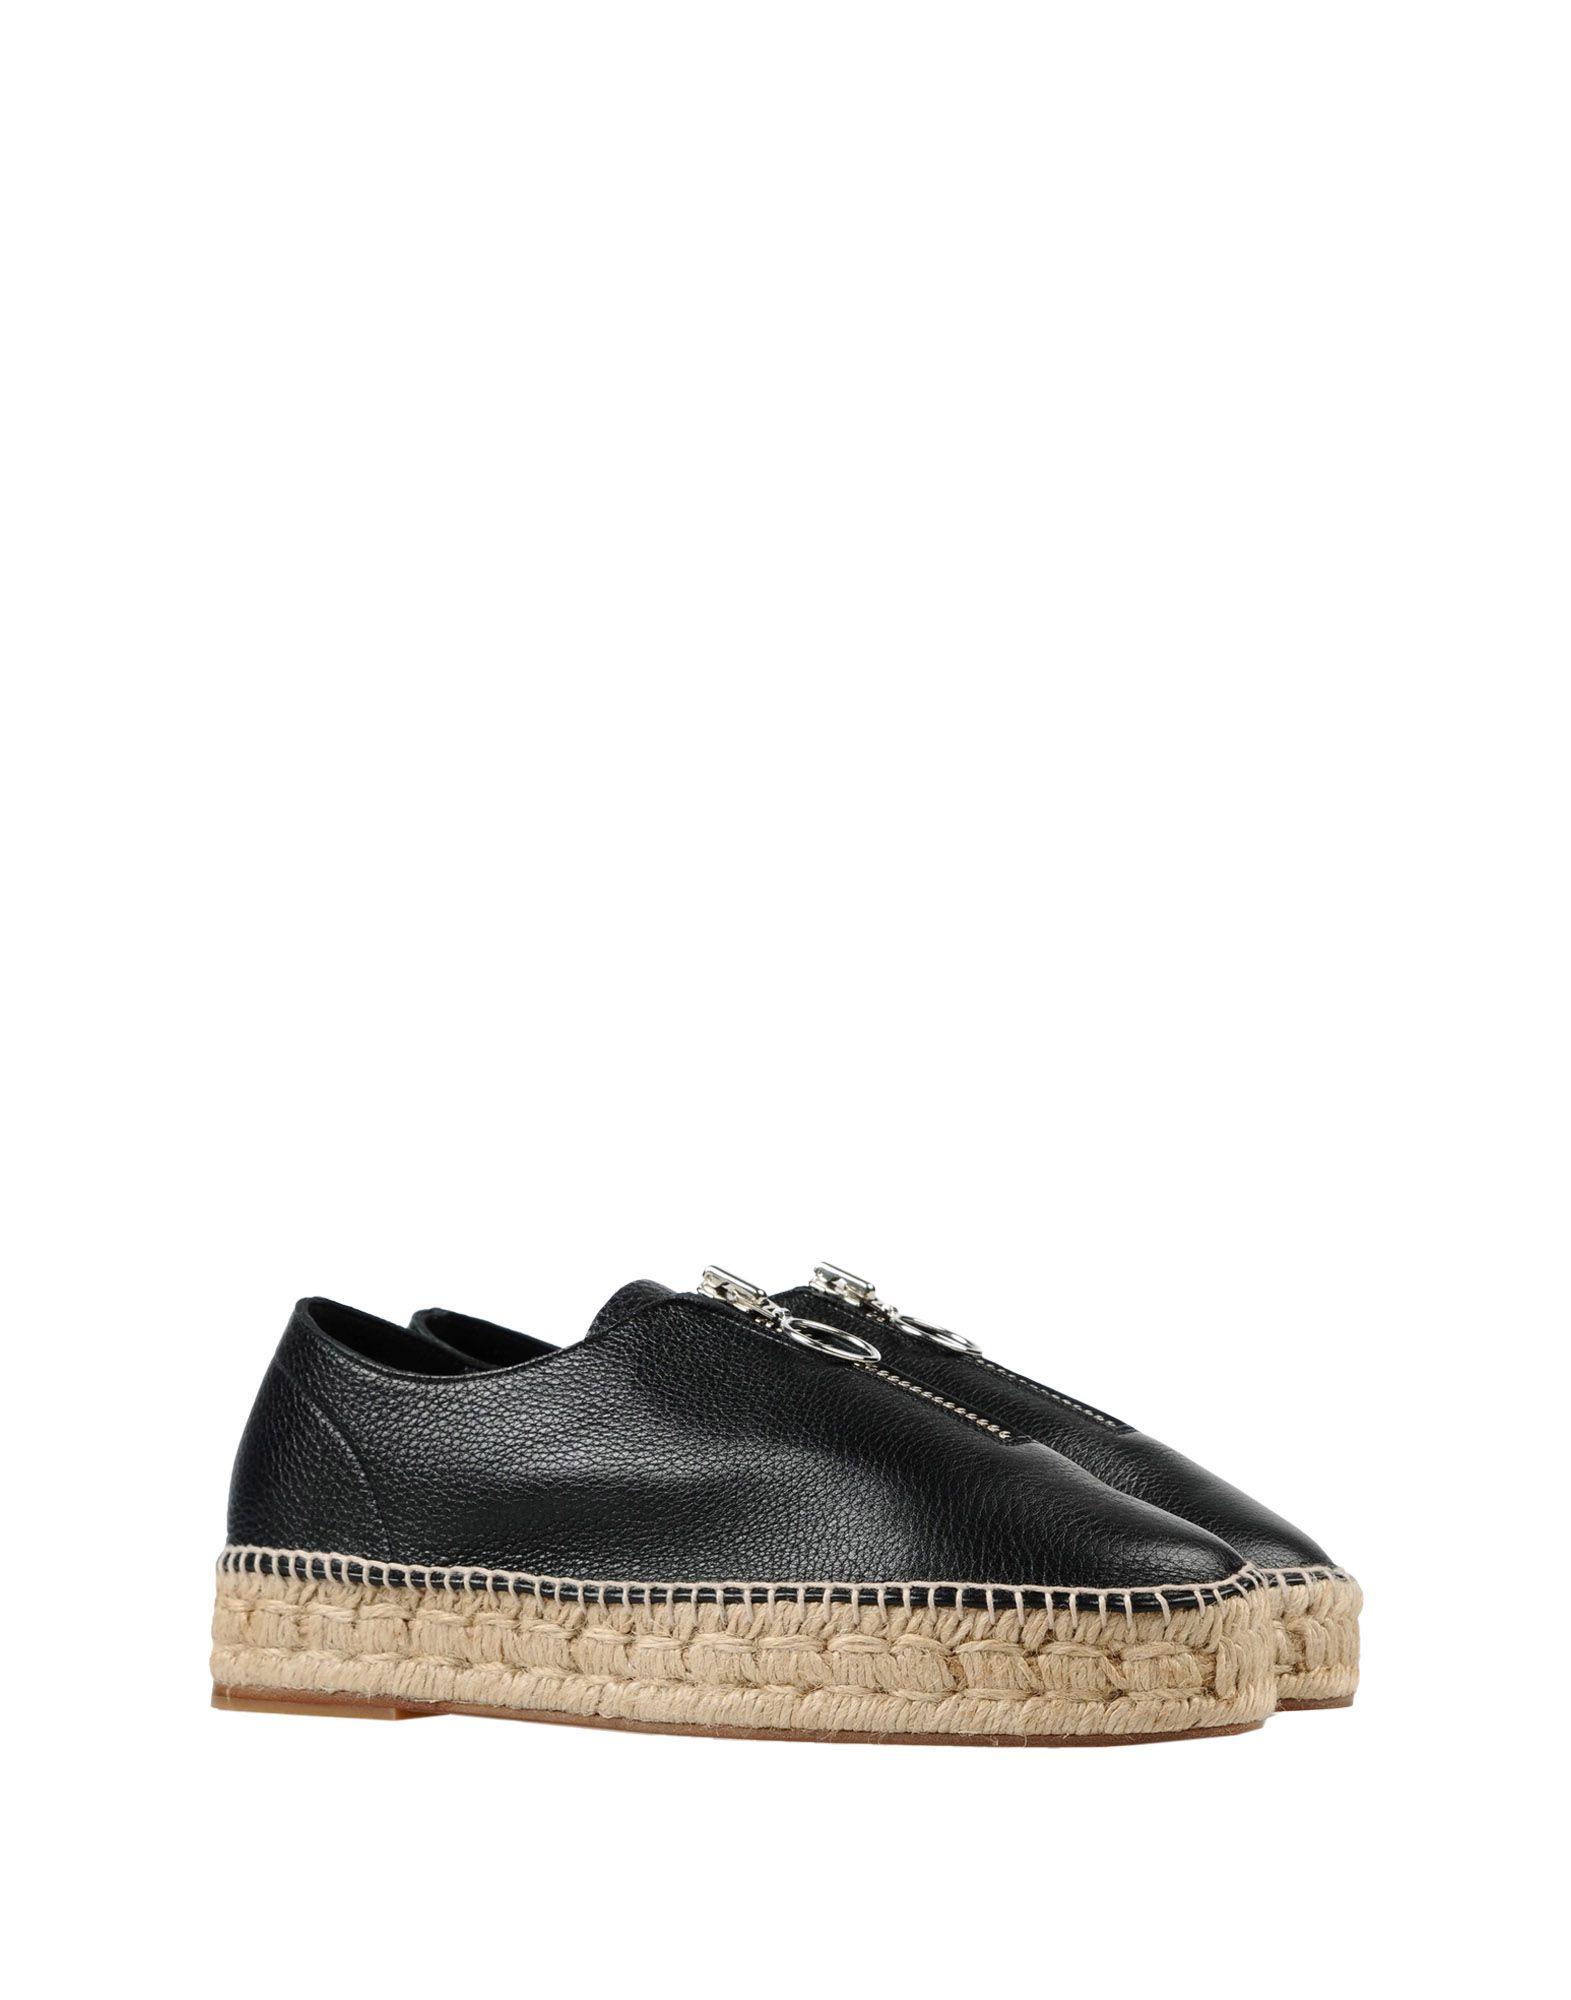 Alexander Wang Espadrilles Damen  11403574XTGut aussehende strapazierfähige Schuhe